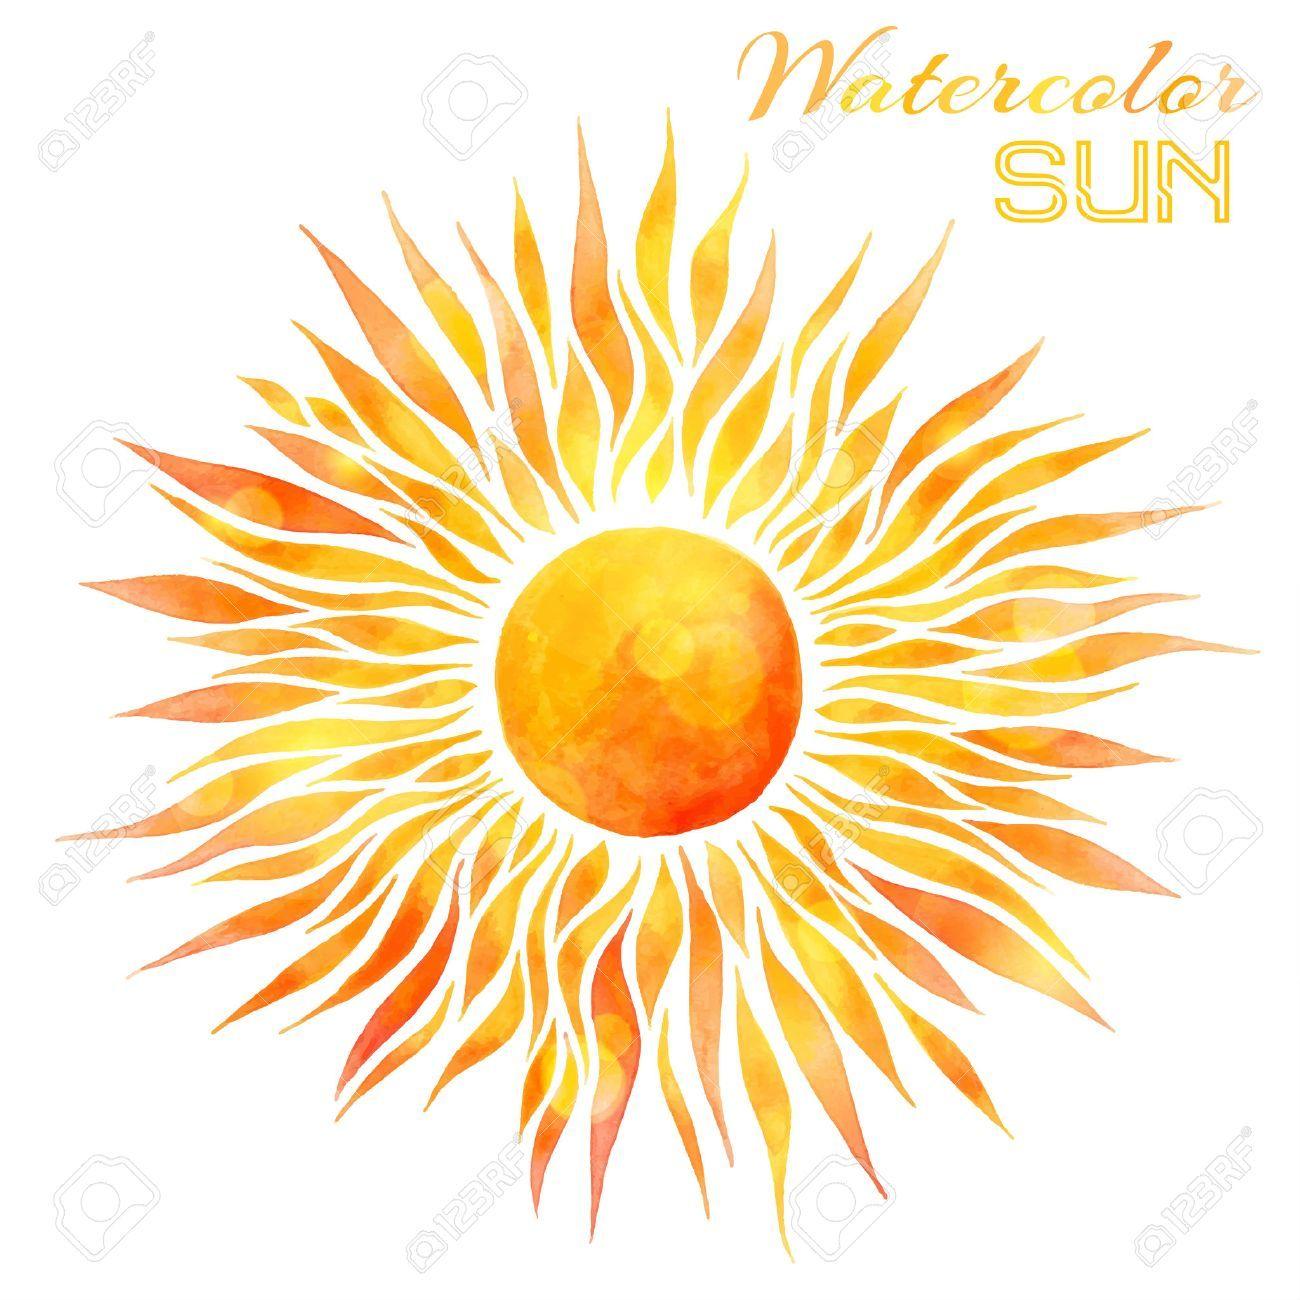 Stock Vector In 2020 Sun Tattoos Sun Painting Sunrise Tattoo